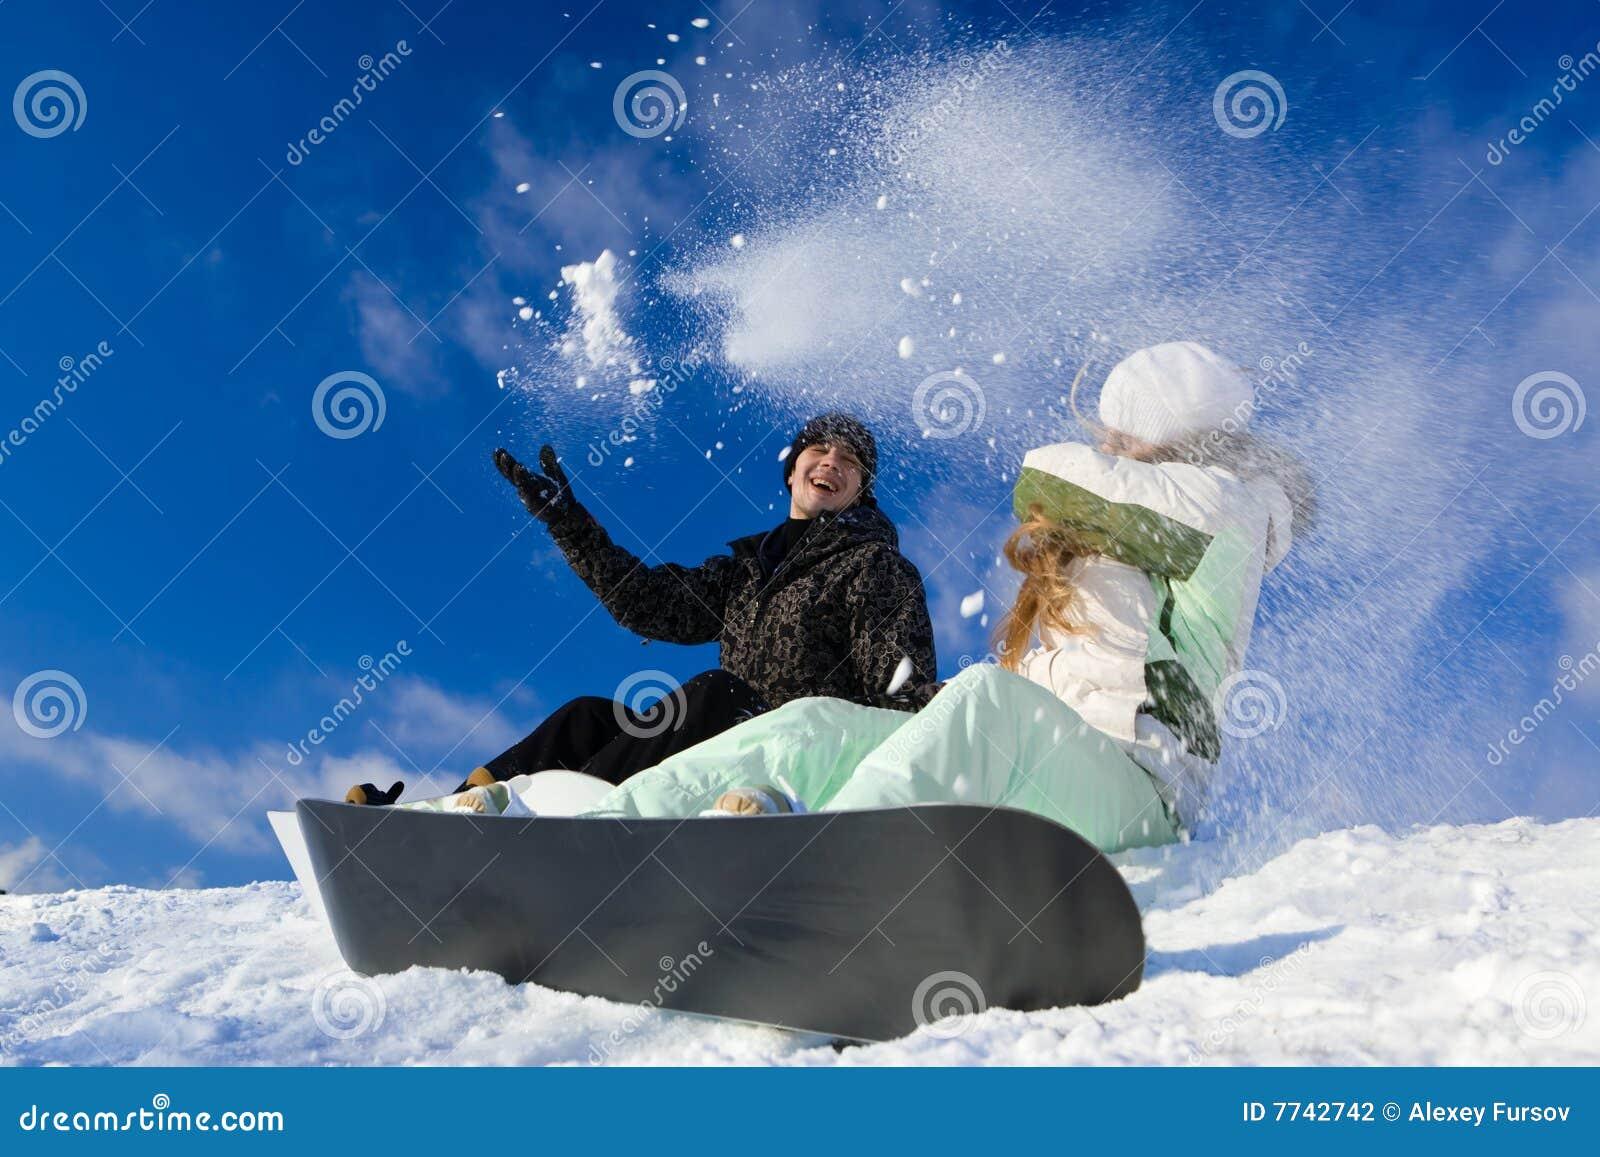 Couple having fun on snowboard